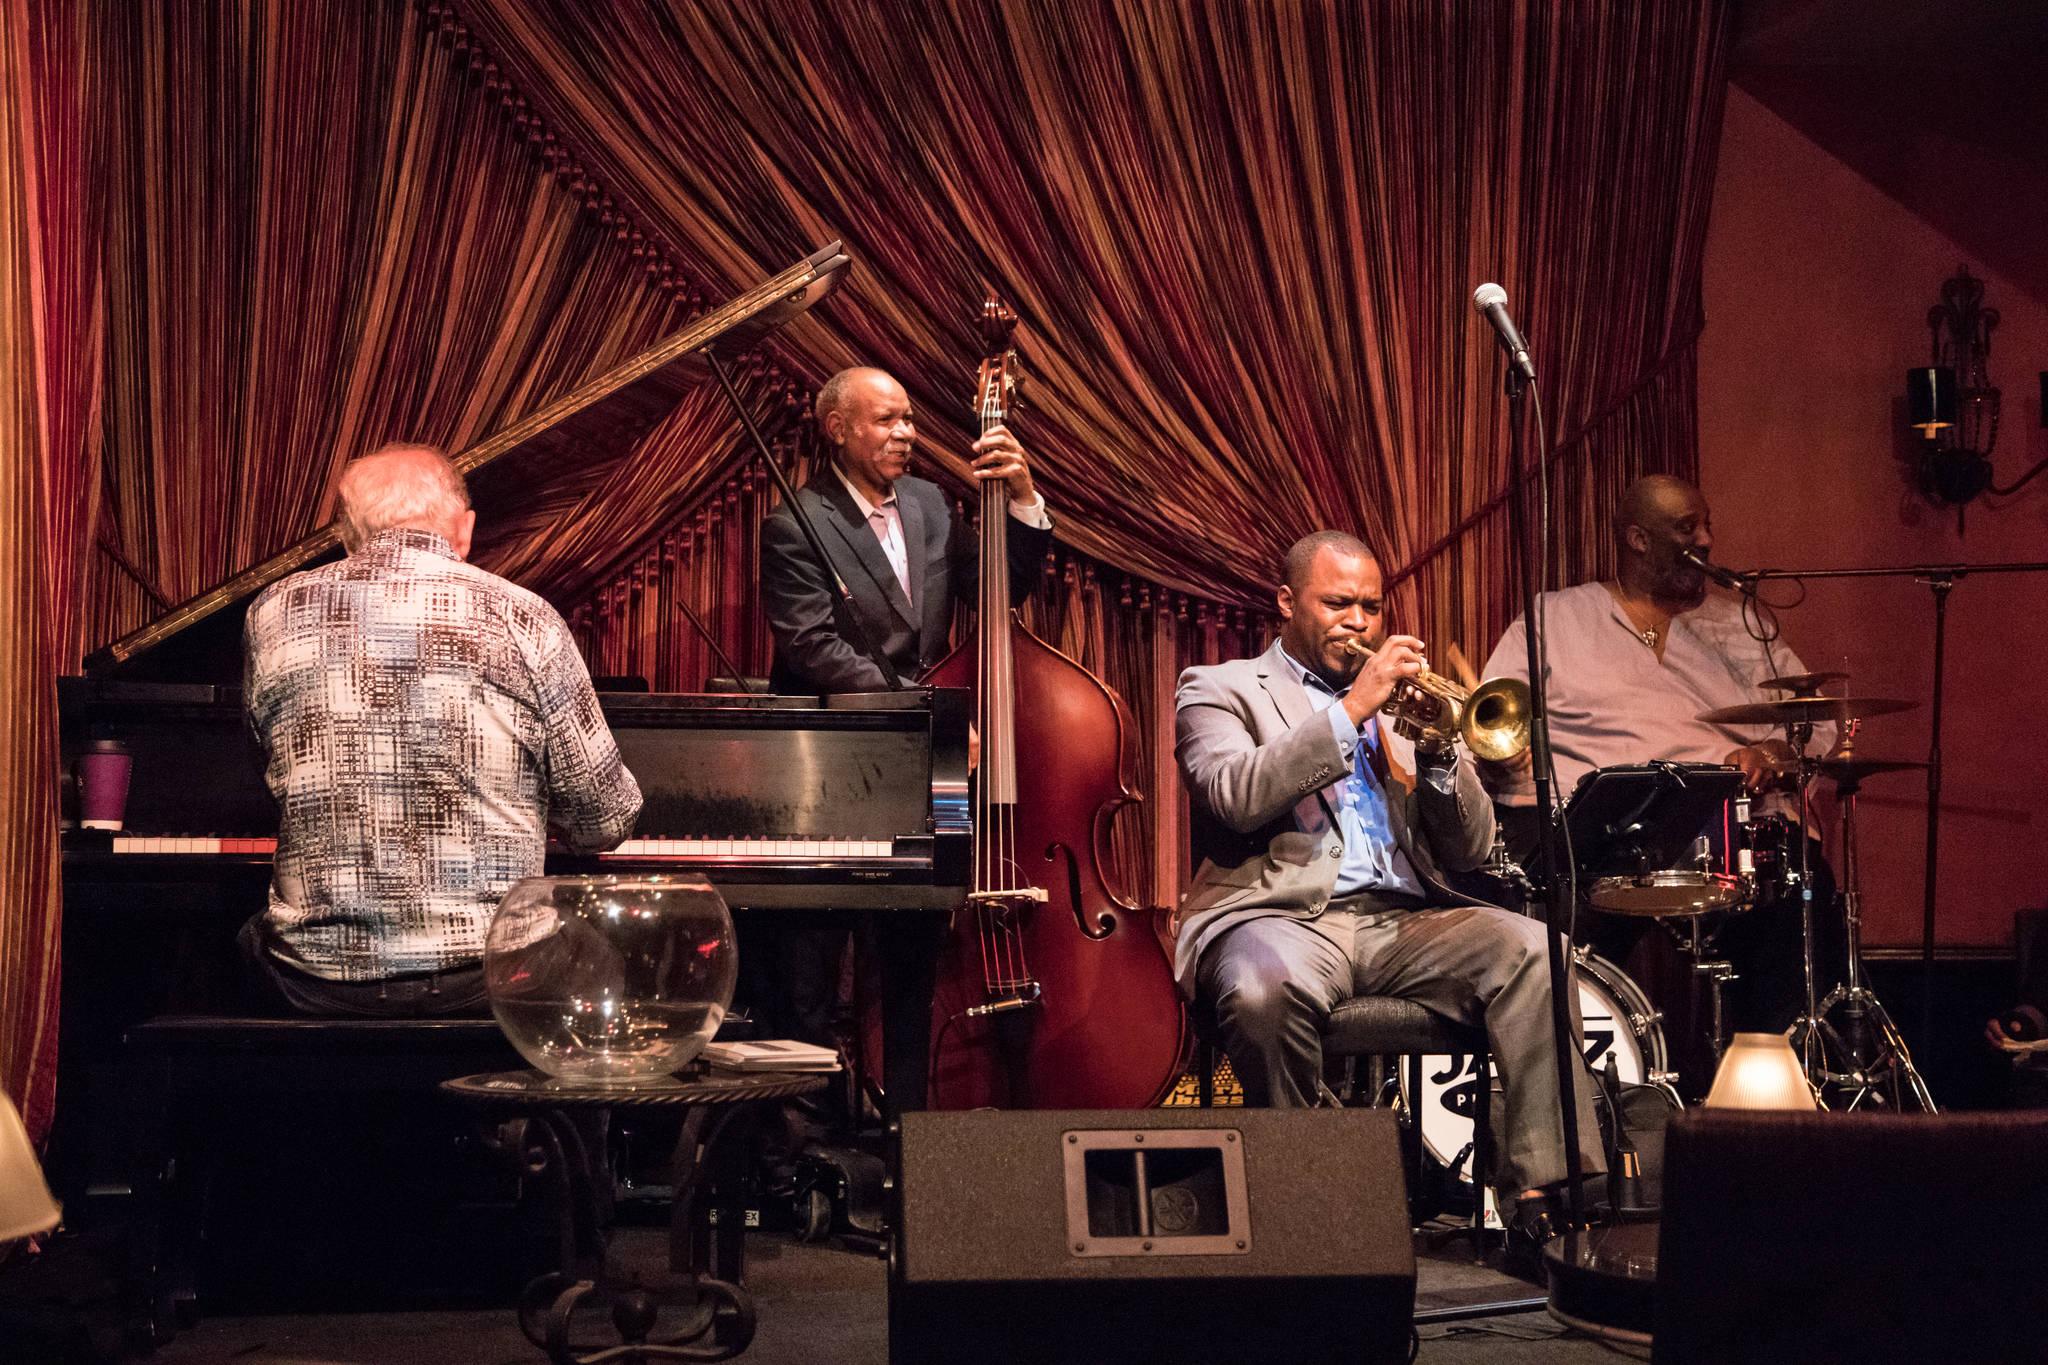 뉴올리언스의 대표적인 재즈 클럽 '재즈 플레이 하우스'에서 공연 중인 108년 역사의 '오리지널 턱시도 밴드'. 루이 암스트롱도 몸담았던 밴드다. 최승표 기자